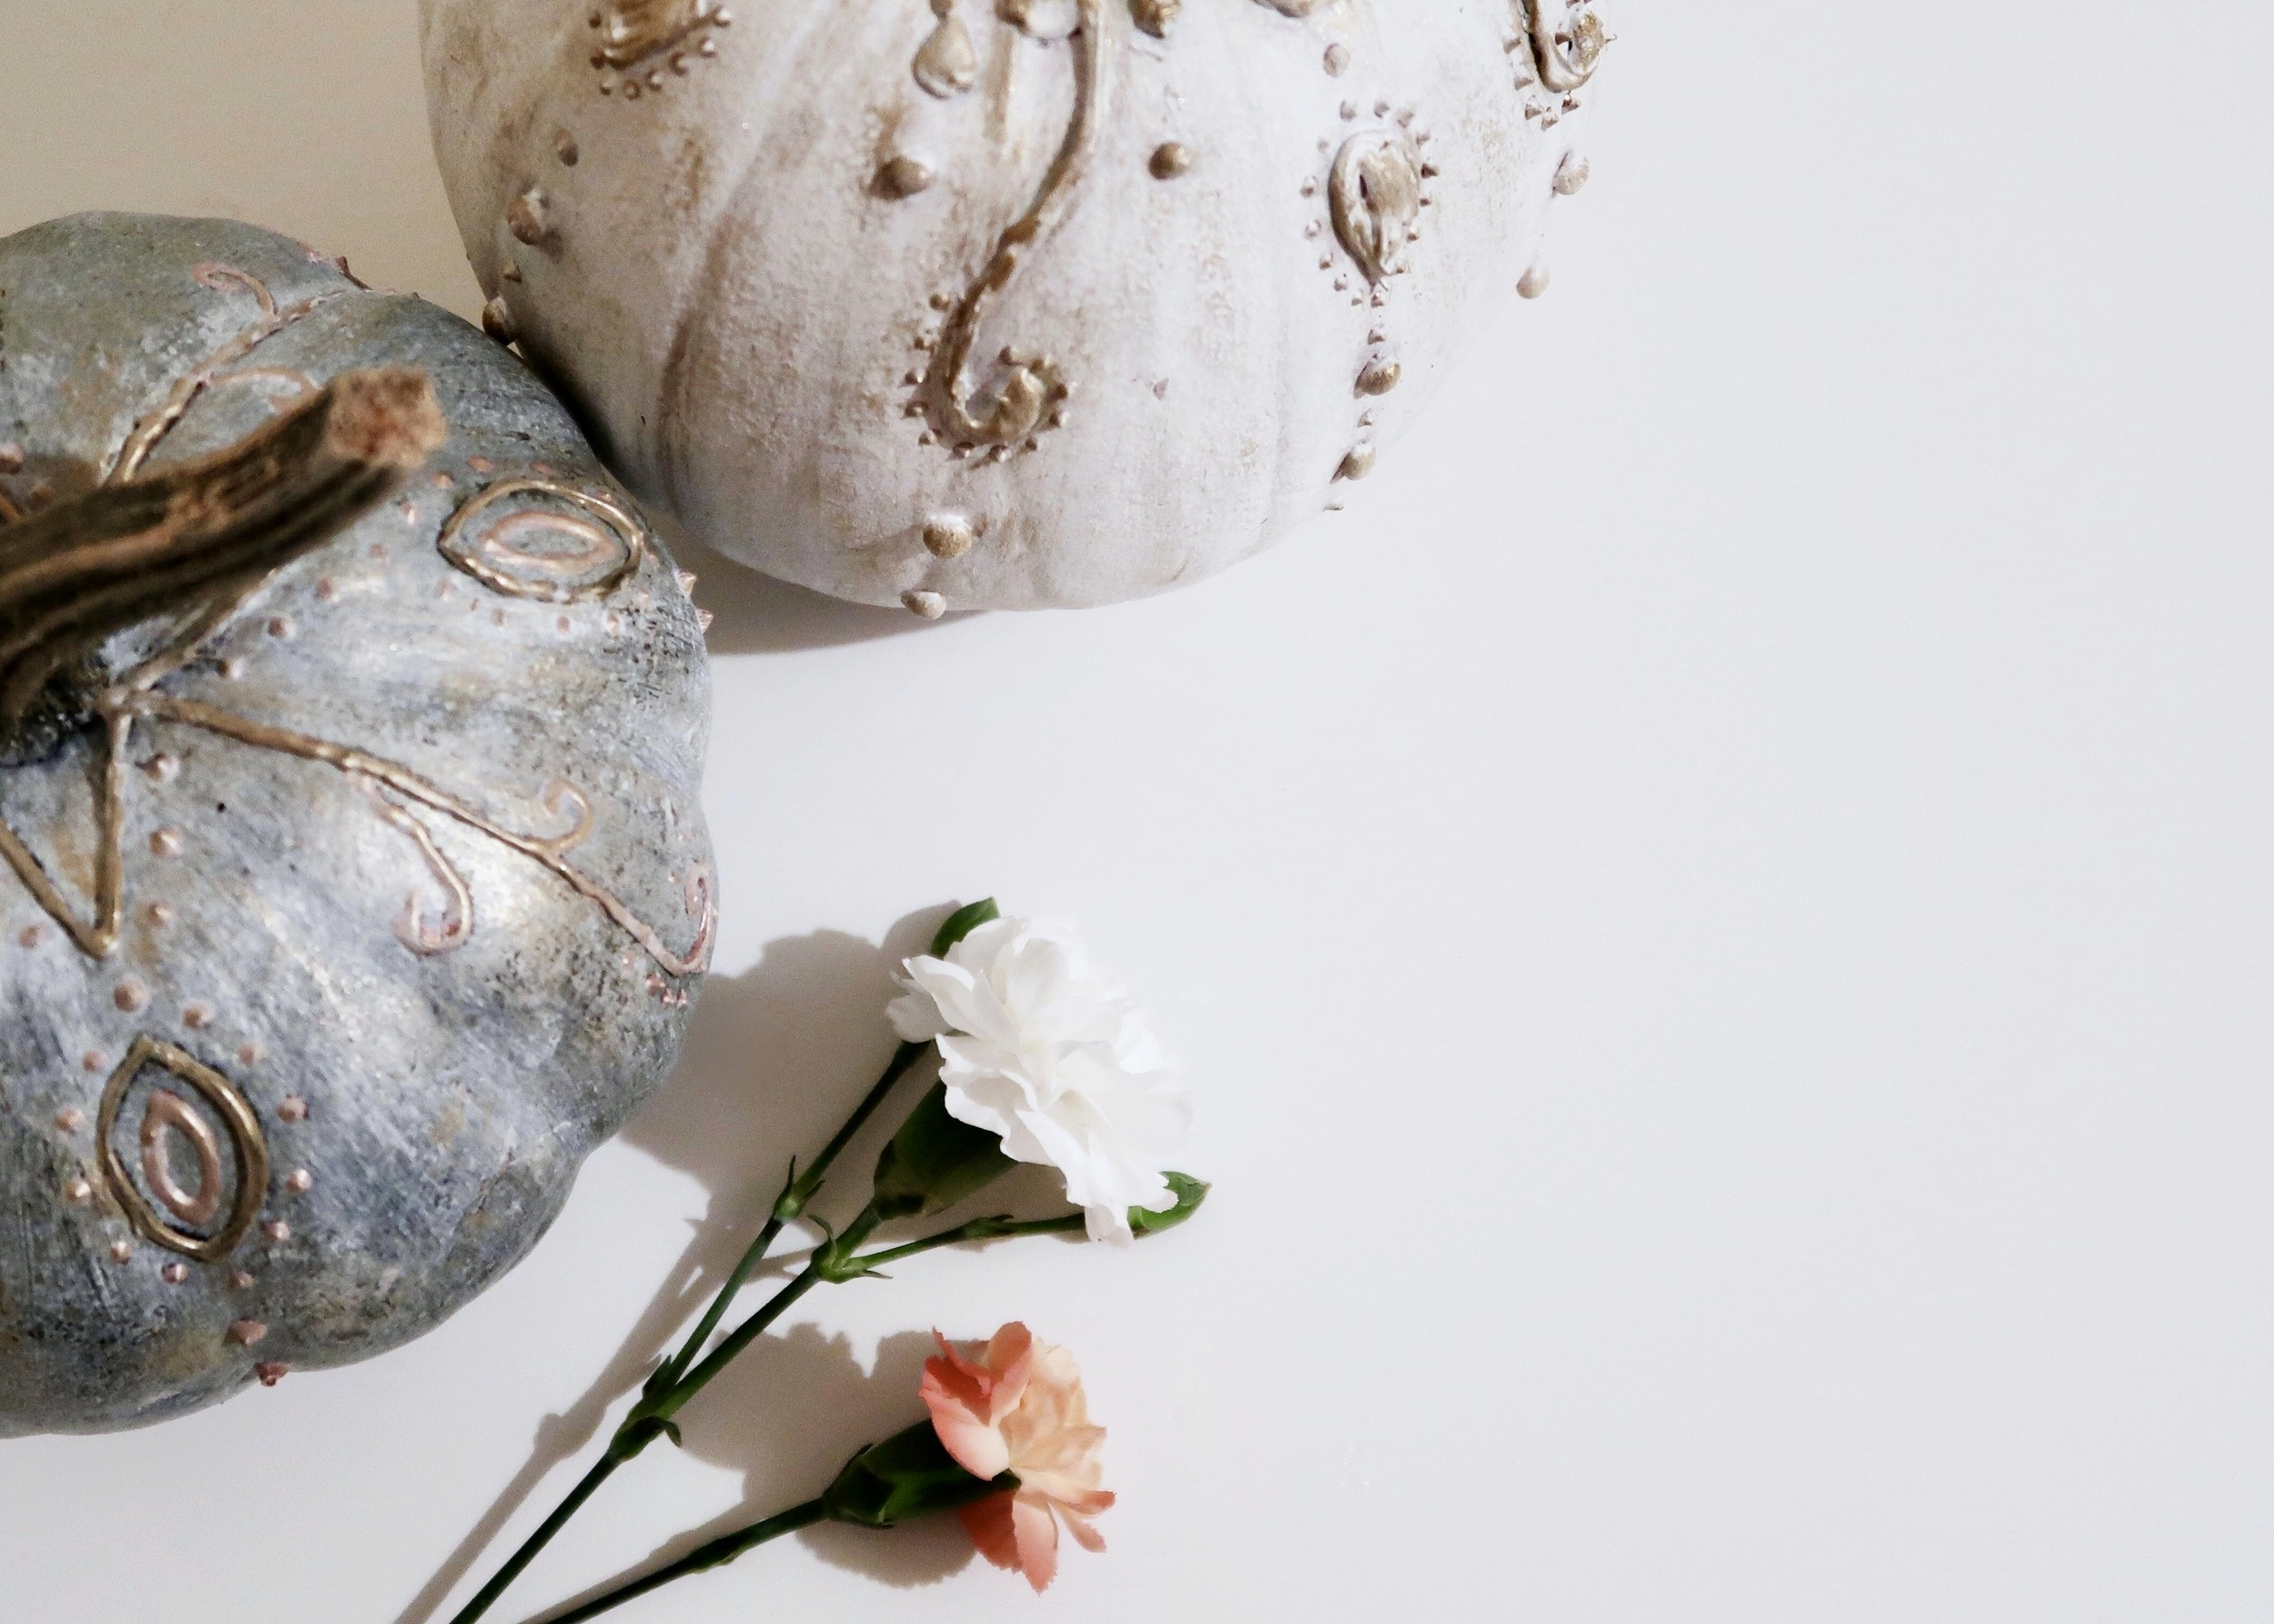 DIY No Carve Vintage Pumpkins by Isoscella